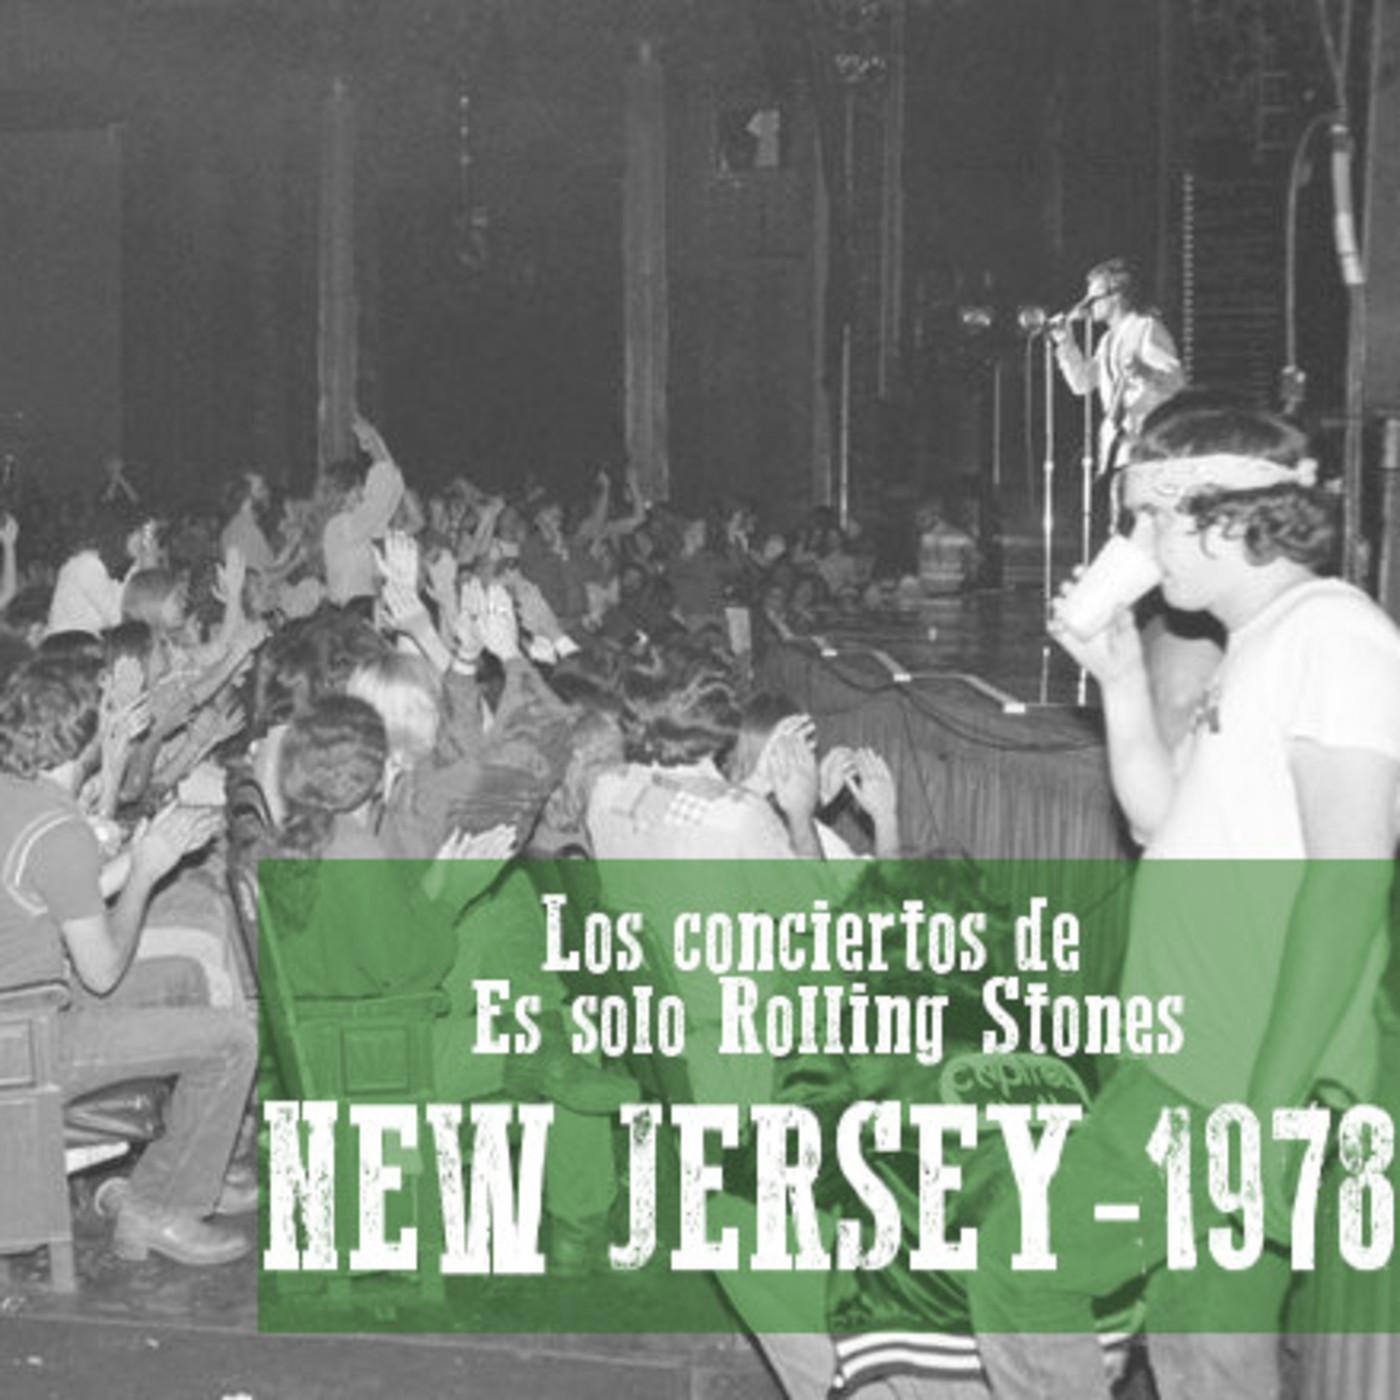 NUEVA JERSEY 1978 - Los conciertos de Es solo Rolling Stones